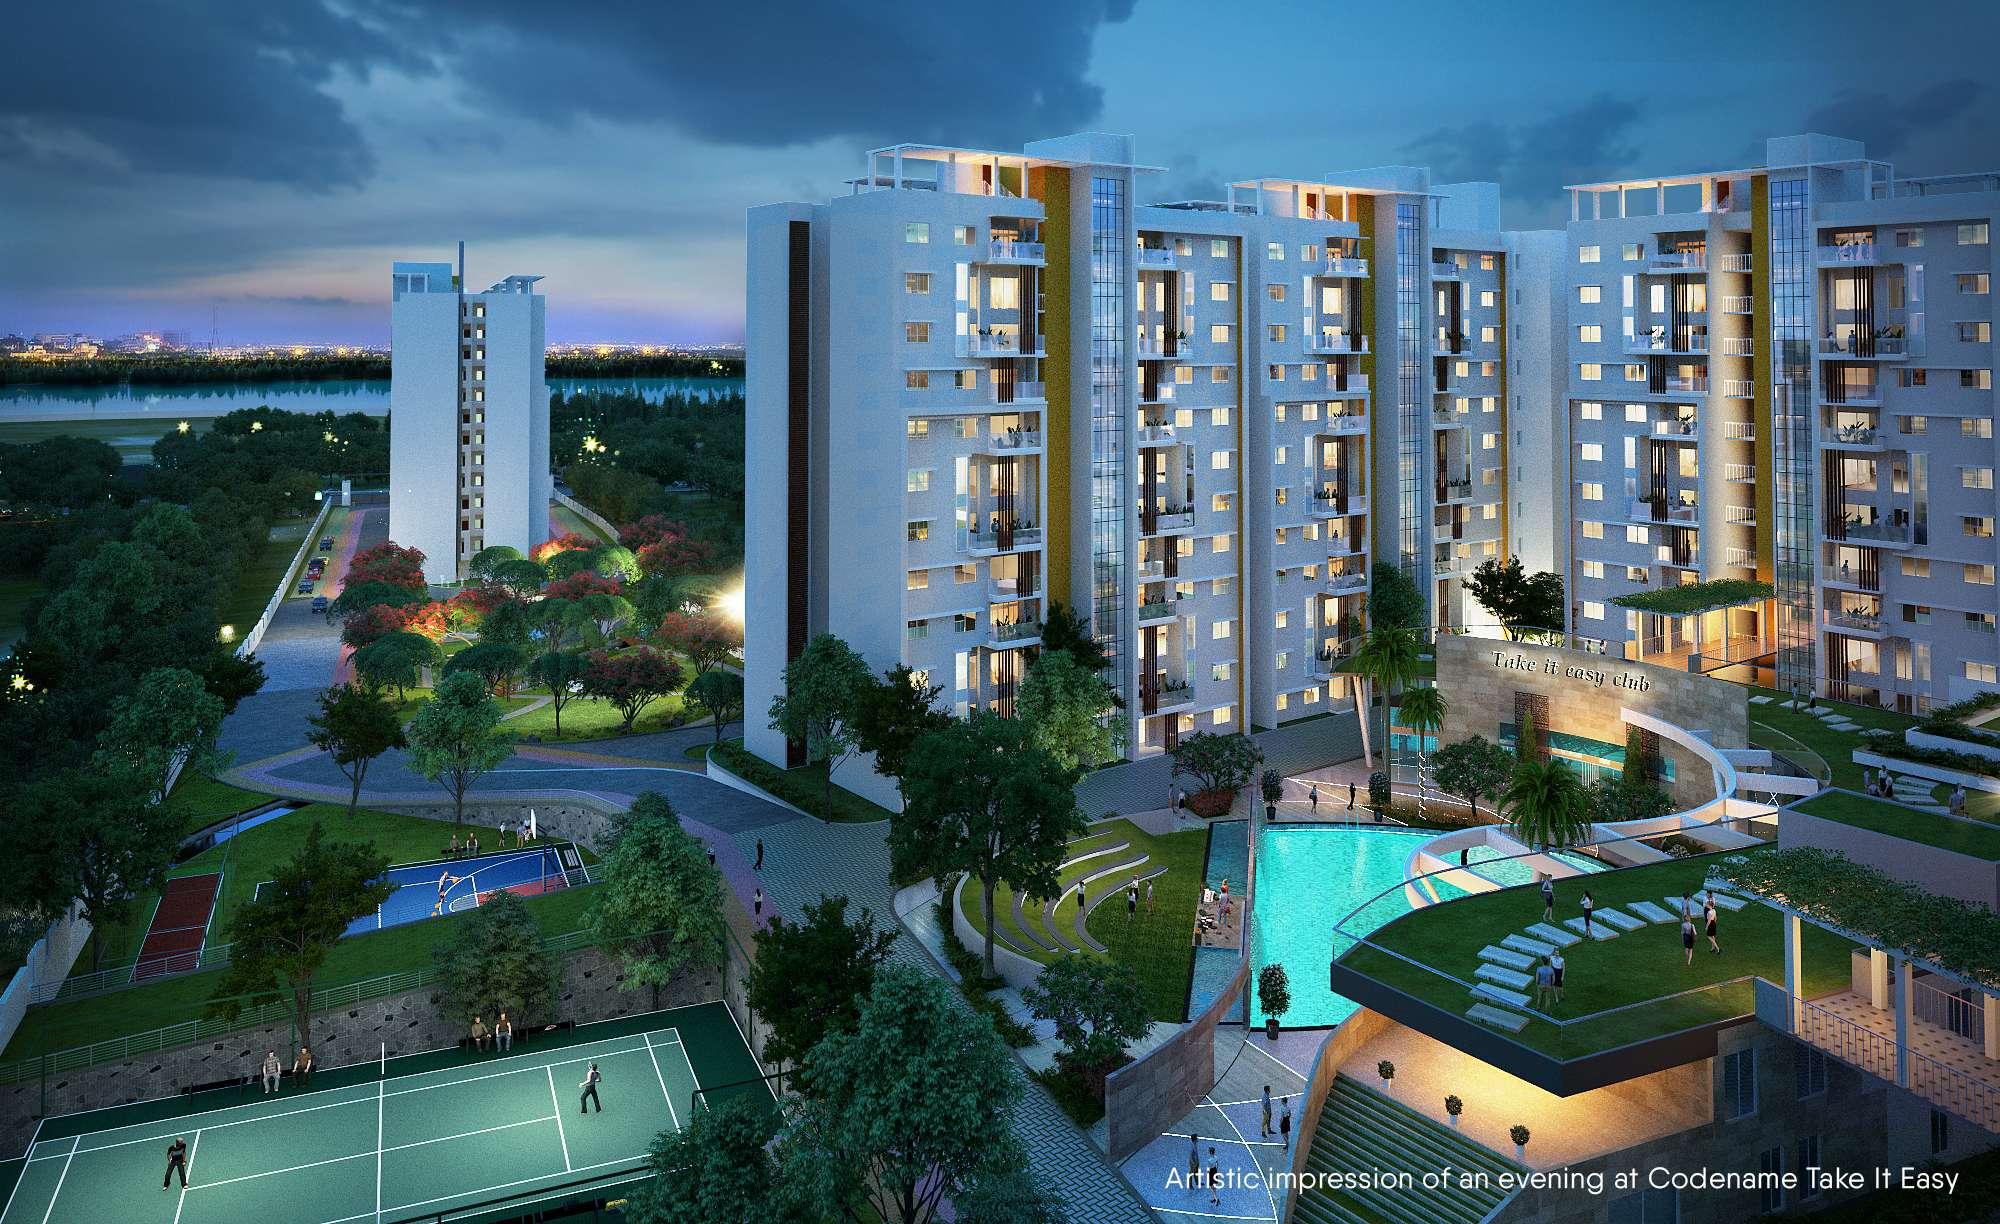 Image for Shrirambluekrpuram.in - Shriram Blue KR Puram Whitefield Bangalore